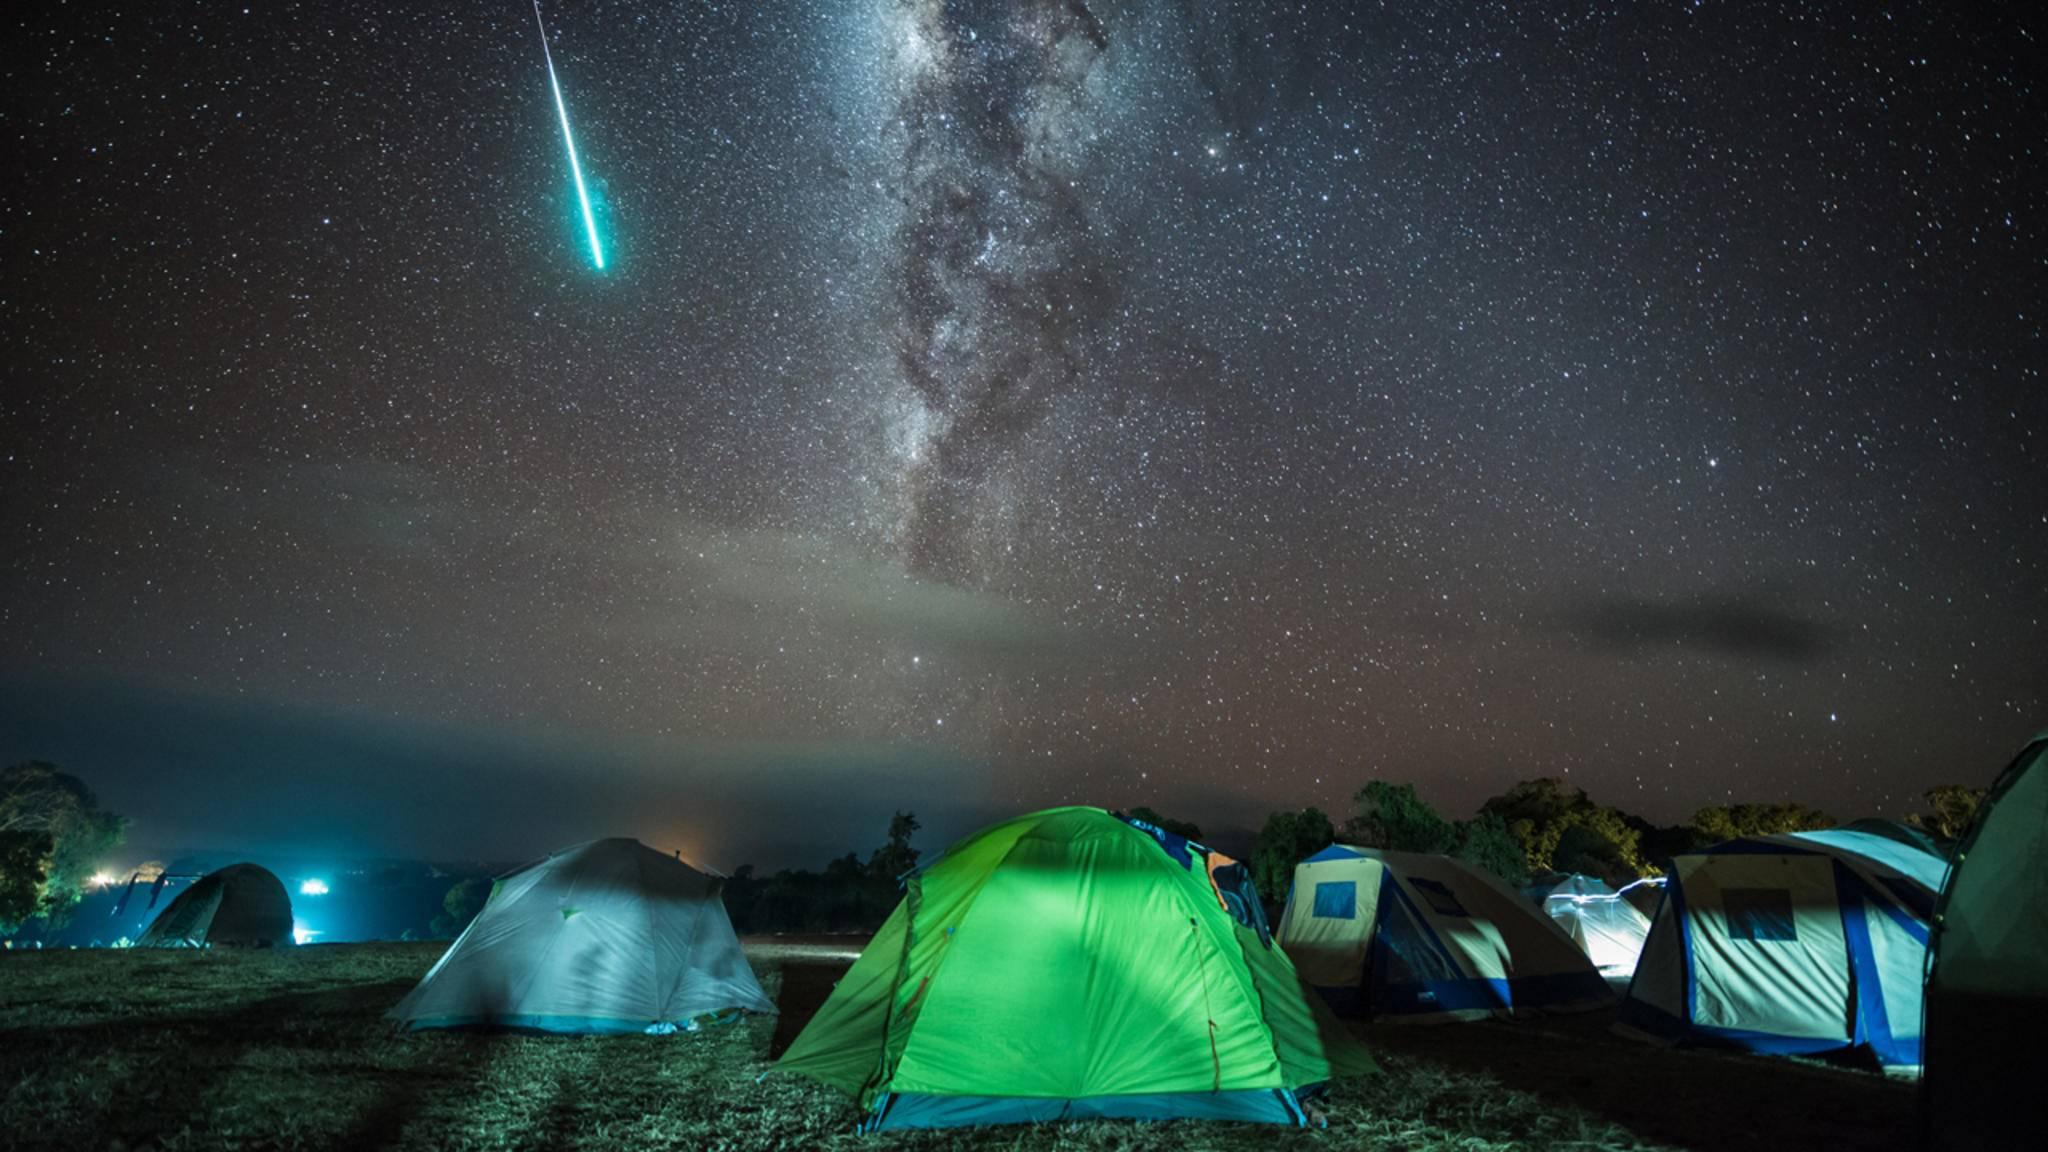 Beim Fotografieren von Sternschnuppen ist mitunter ordentlich Geduld gefragt – aber es lohnt sich!